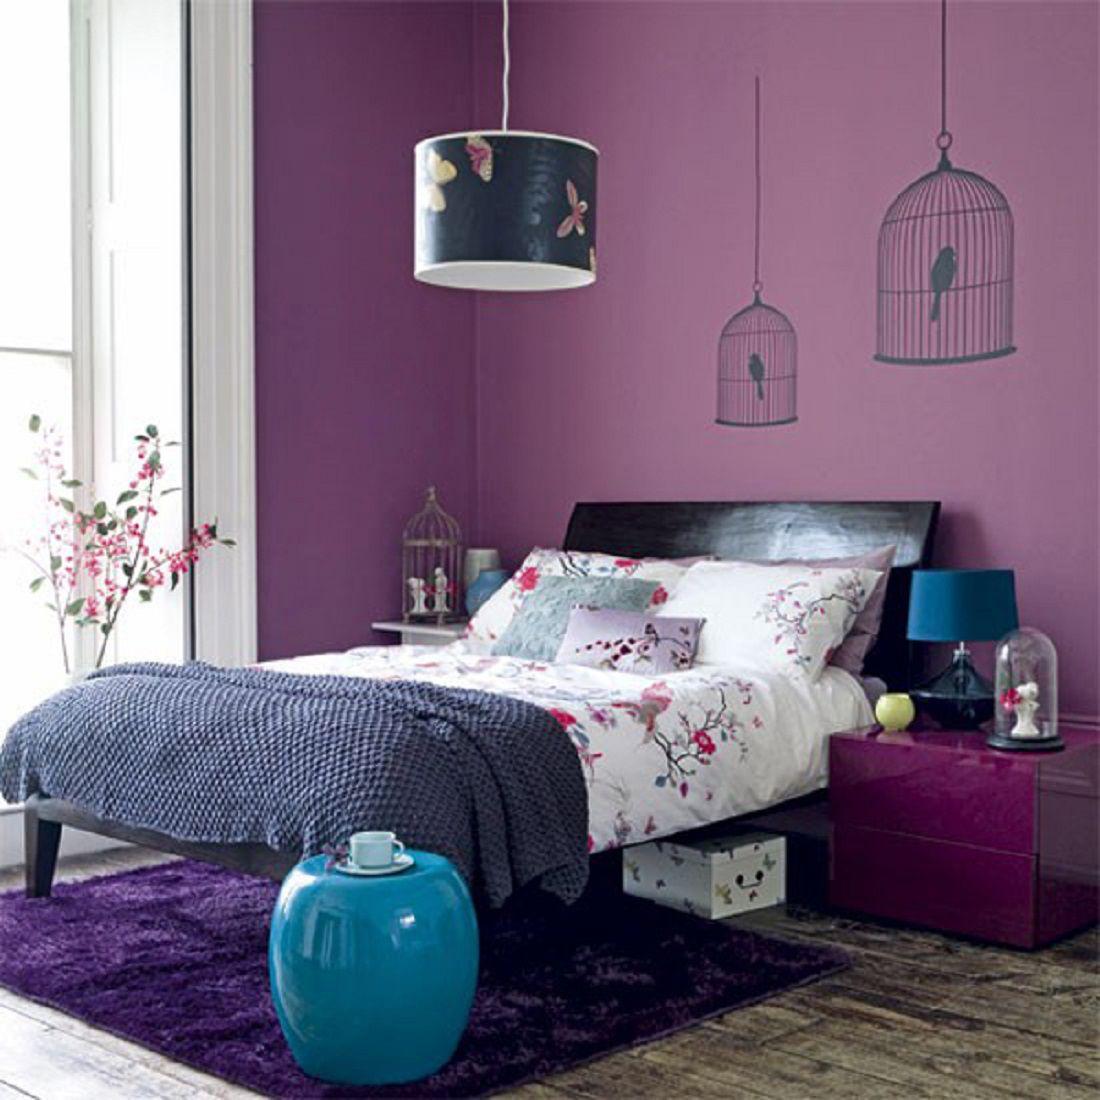 Ropa de cama contemporánea en púrpura, verde y azul